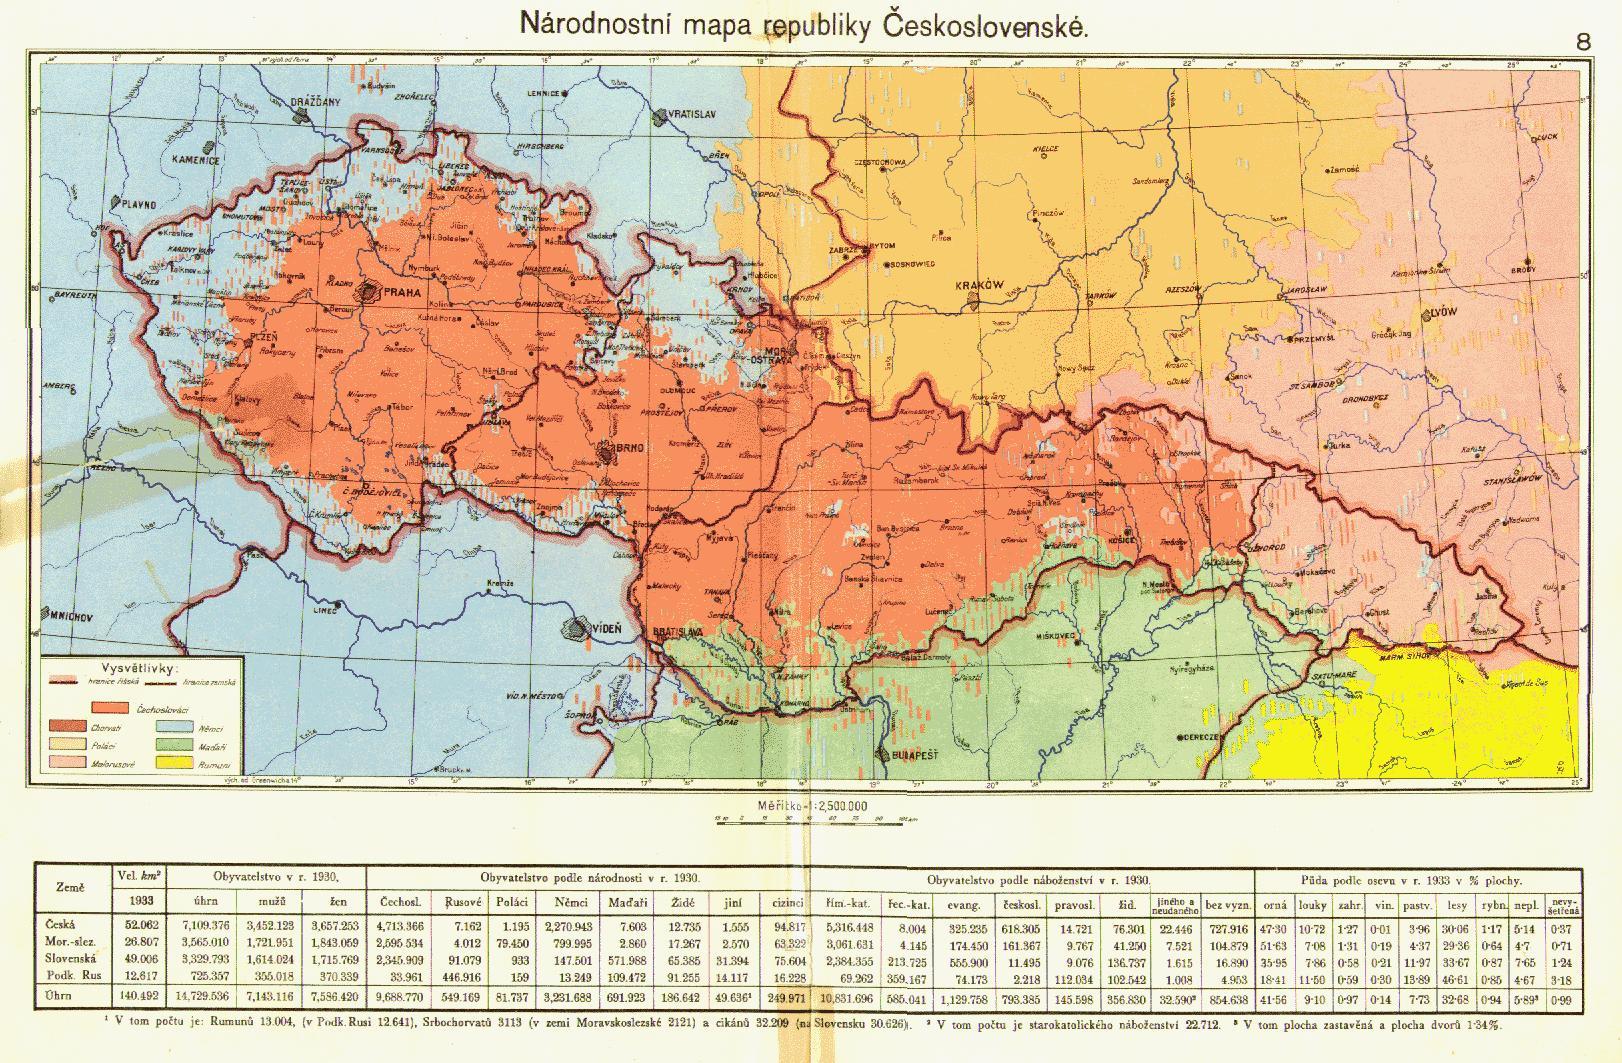 Csehszlovákia etnikai térképe, 1935. A térkép egyként kezeli az ukránokat és a ruszinokat, illetve a cseheket és a szlovákokat, valamint a területi kisebbségeket egyoldalúan tünteti fel, a magyarok hátrányára.